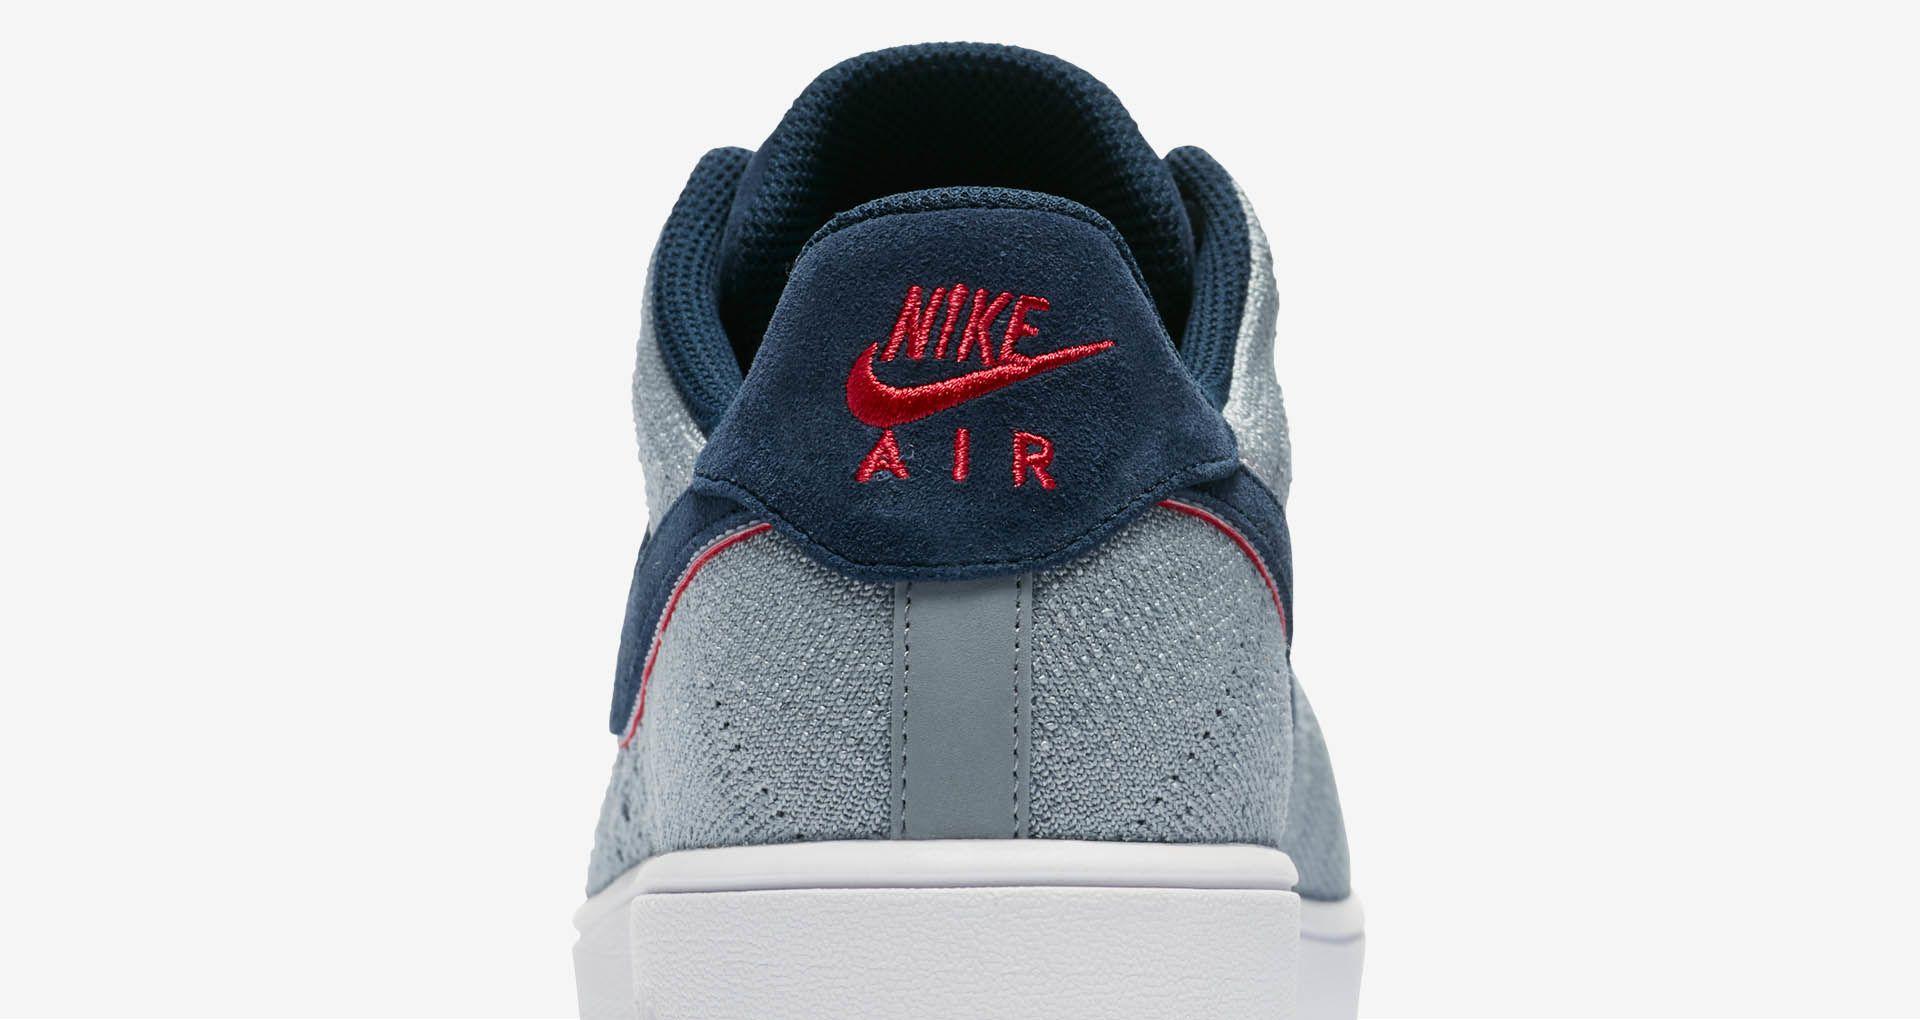 sale retailer 107b8 a23e4 Nike Air Force 1 Ultra Flyknit Low  RKK  Release Date